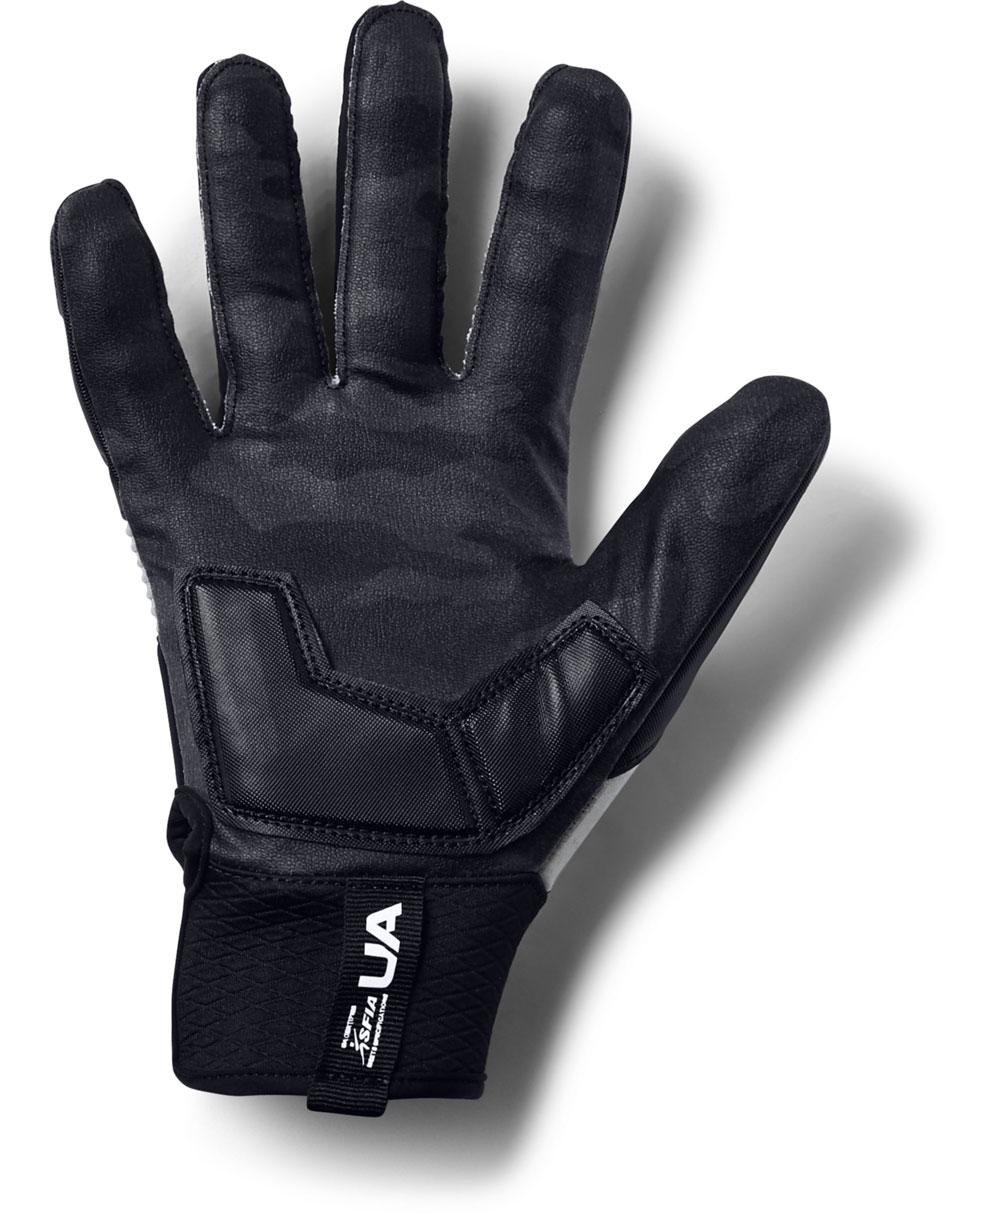 UA Combat - NFL Men's Football Gloves Black/White